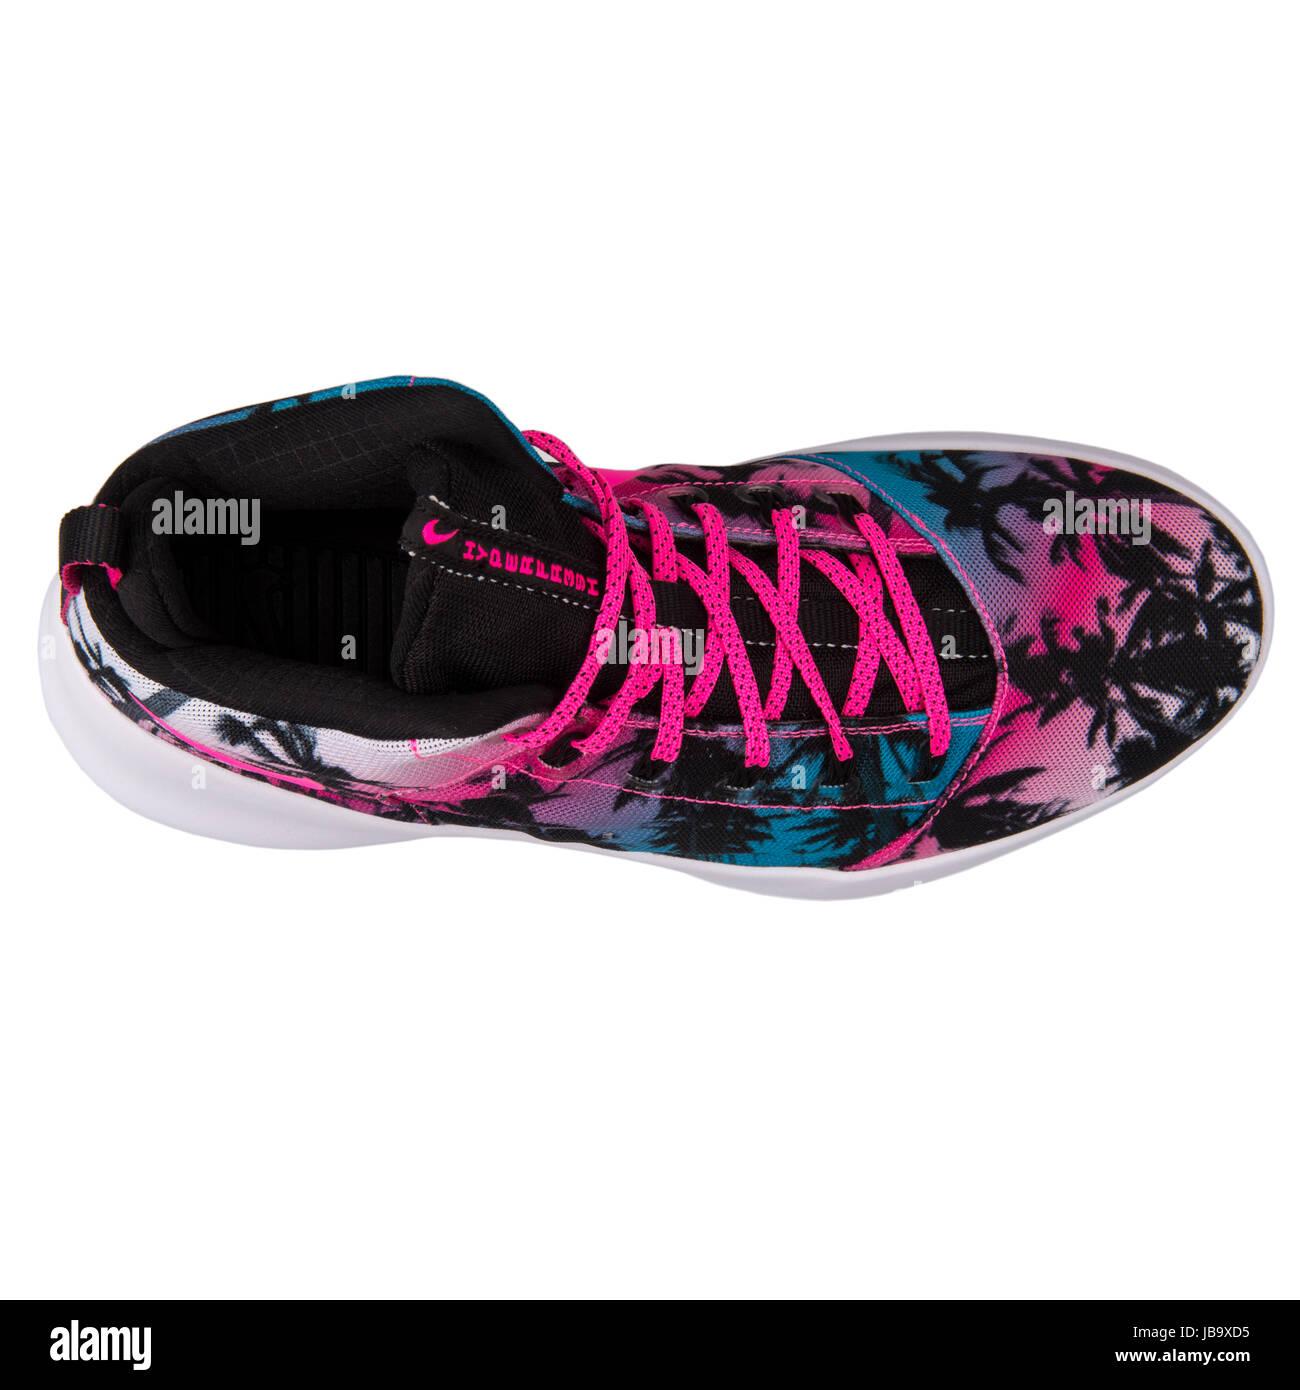 best website 4560e 87331 Hyperfr Nike3sh QS Lagon bleu, rose Blast Mens Basketball Shoes - 808781- 400